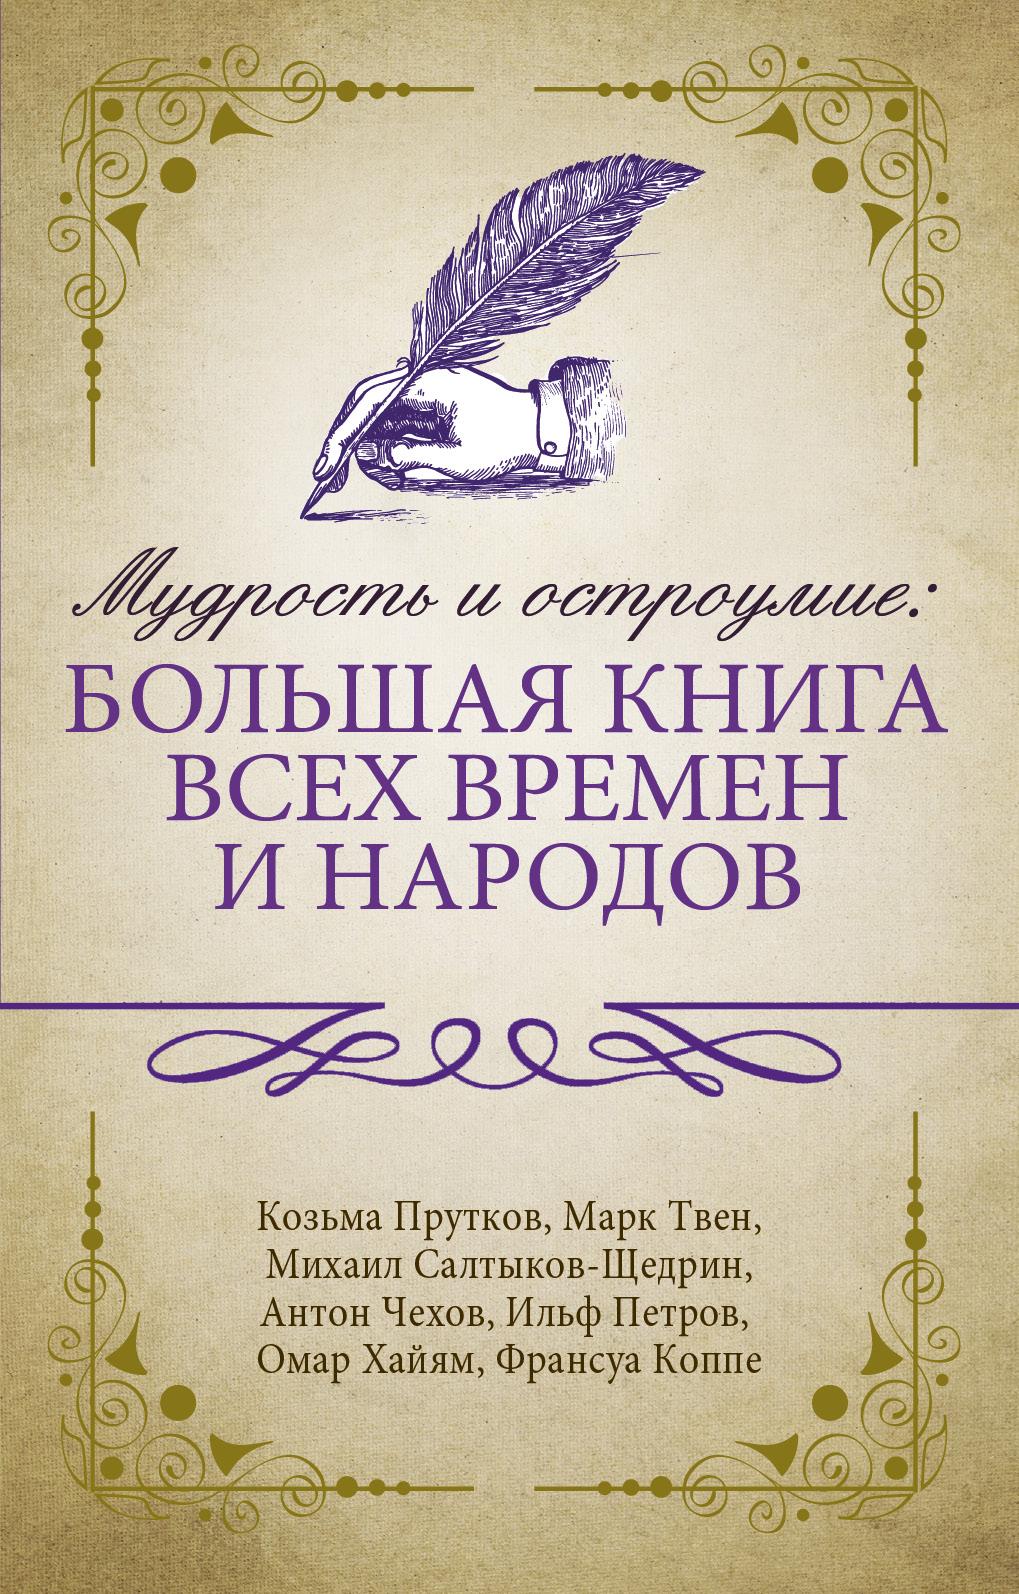 . Мудрость и остроумие: большая книга всех времен и народов